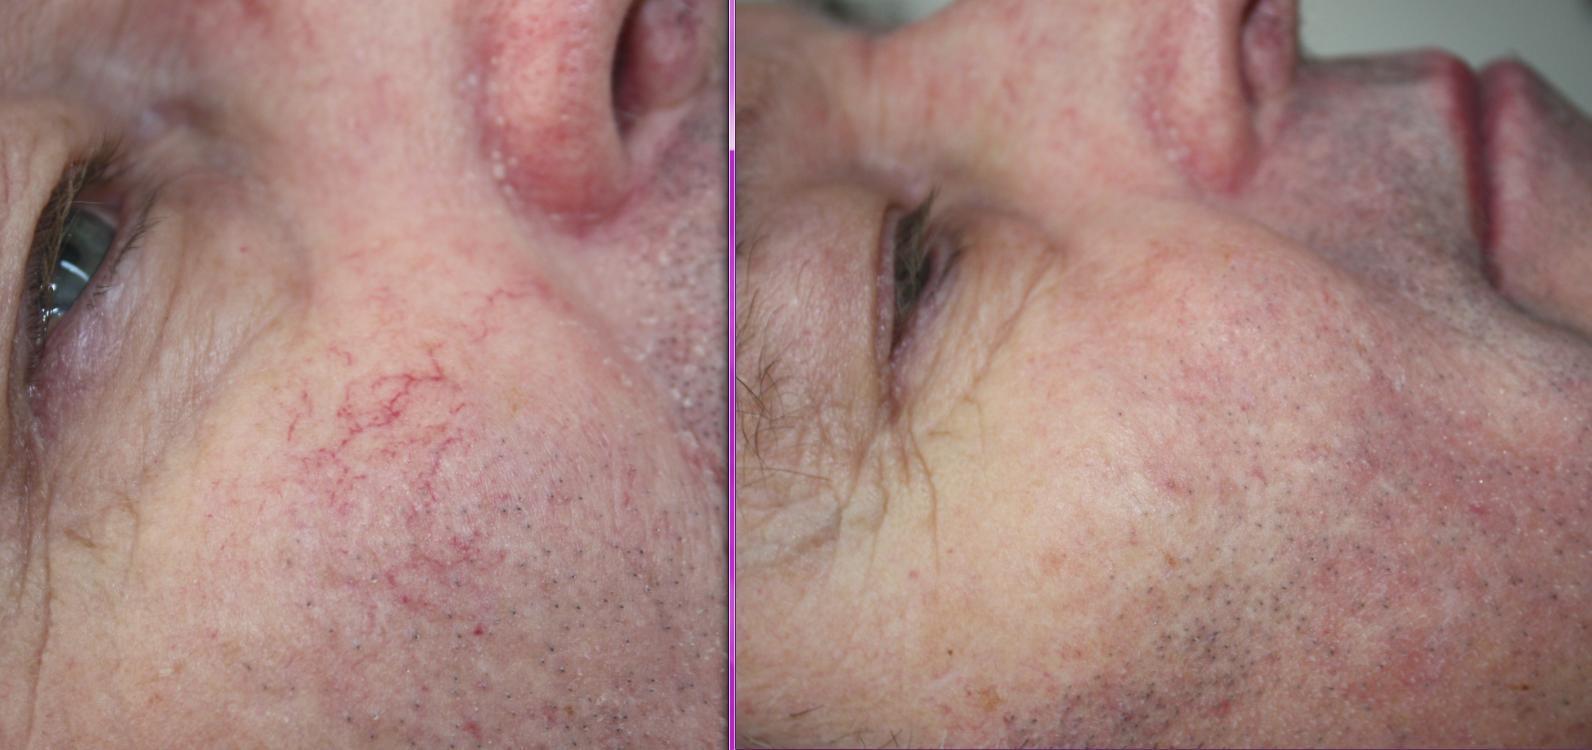 Facial varicose veins causes